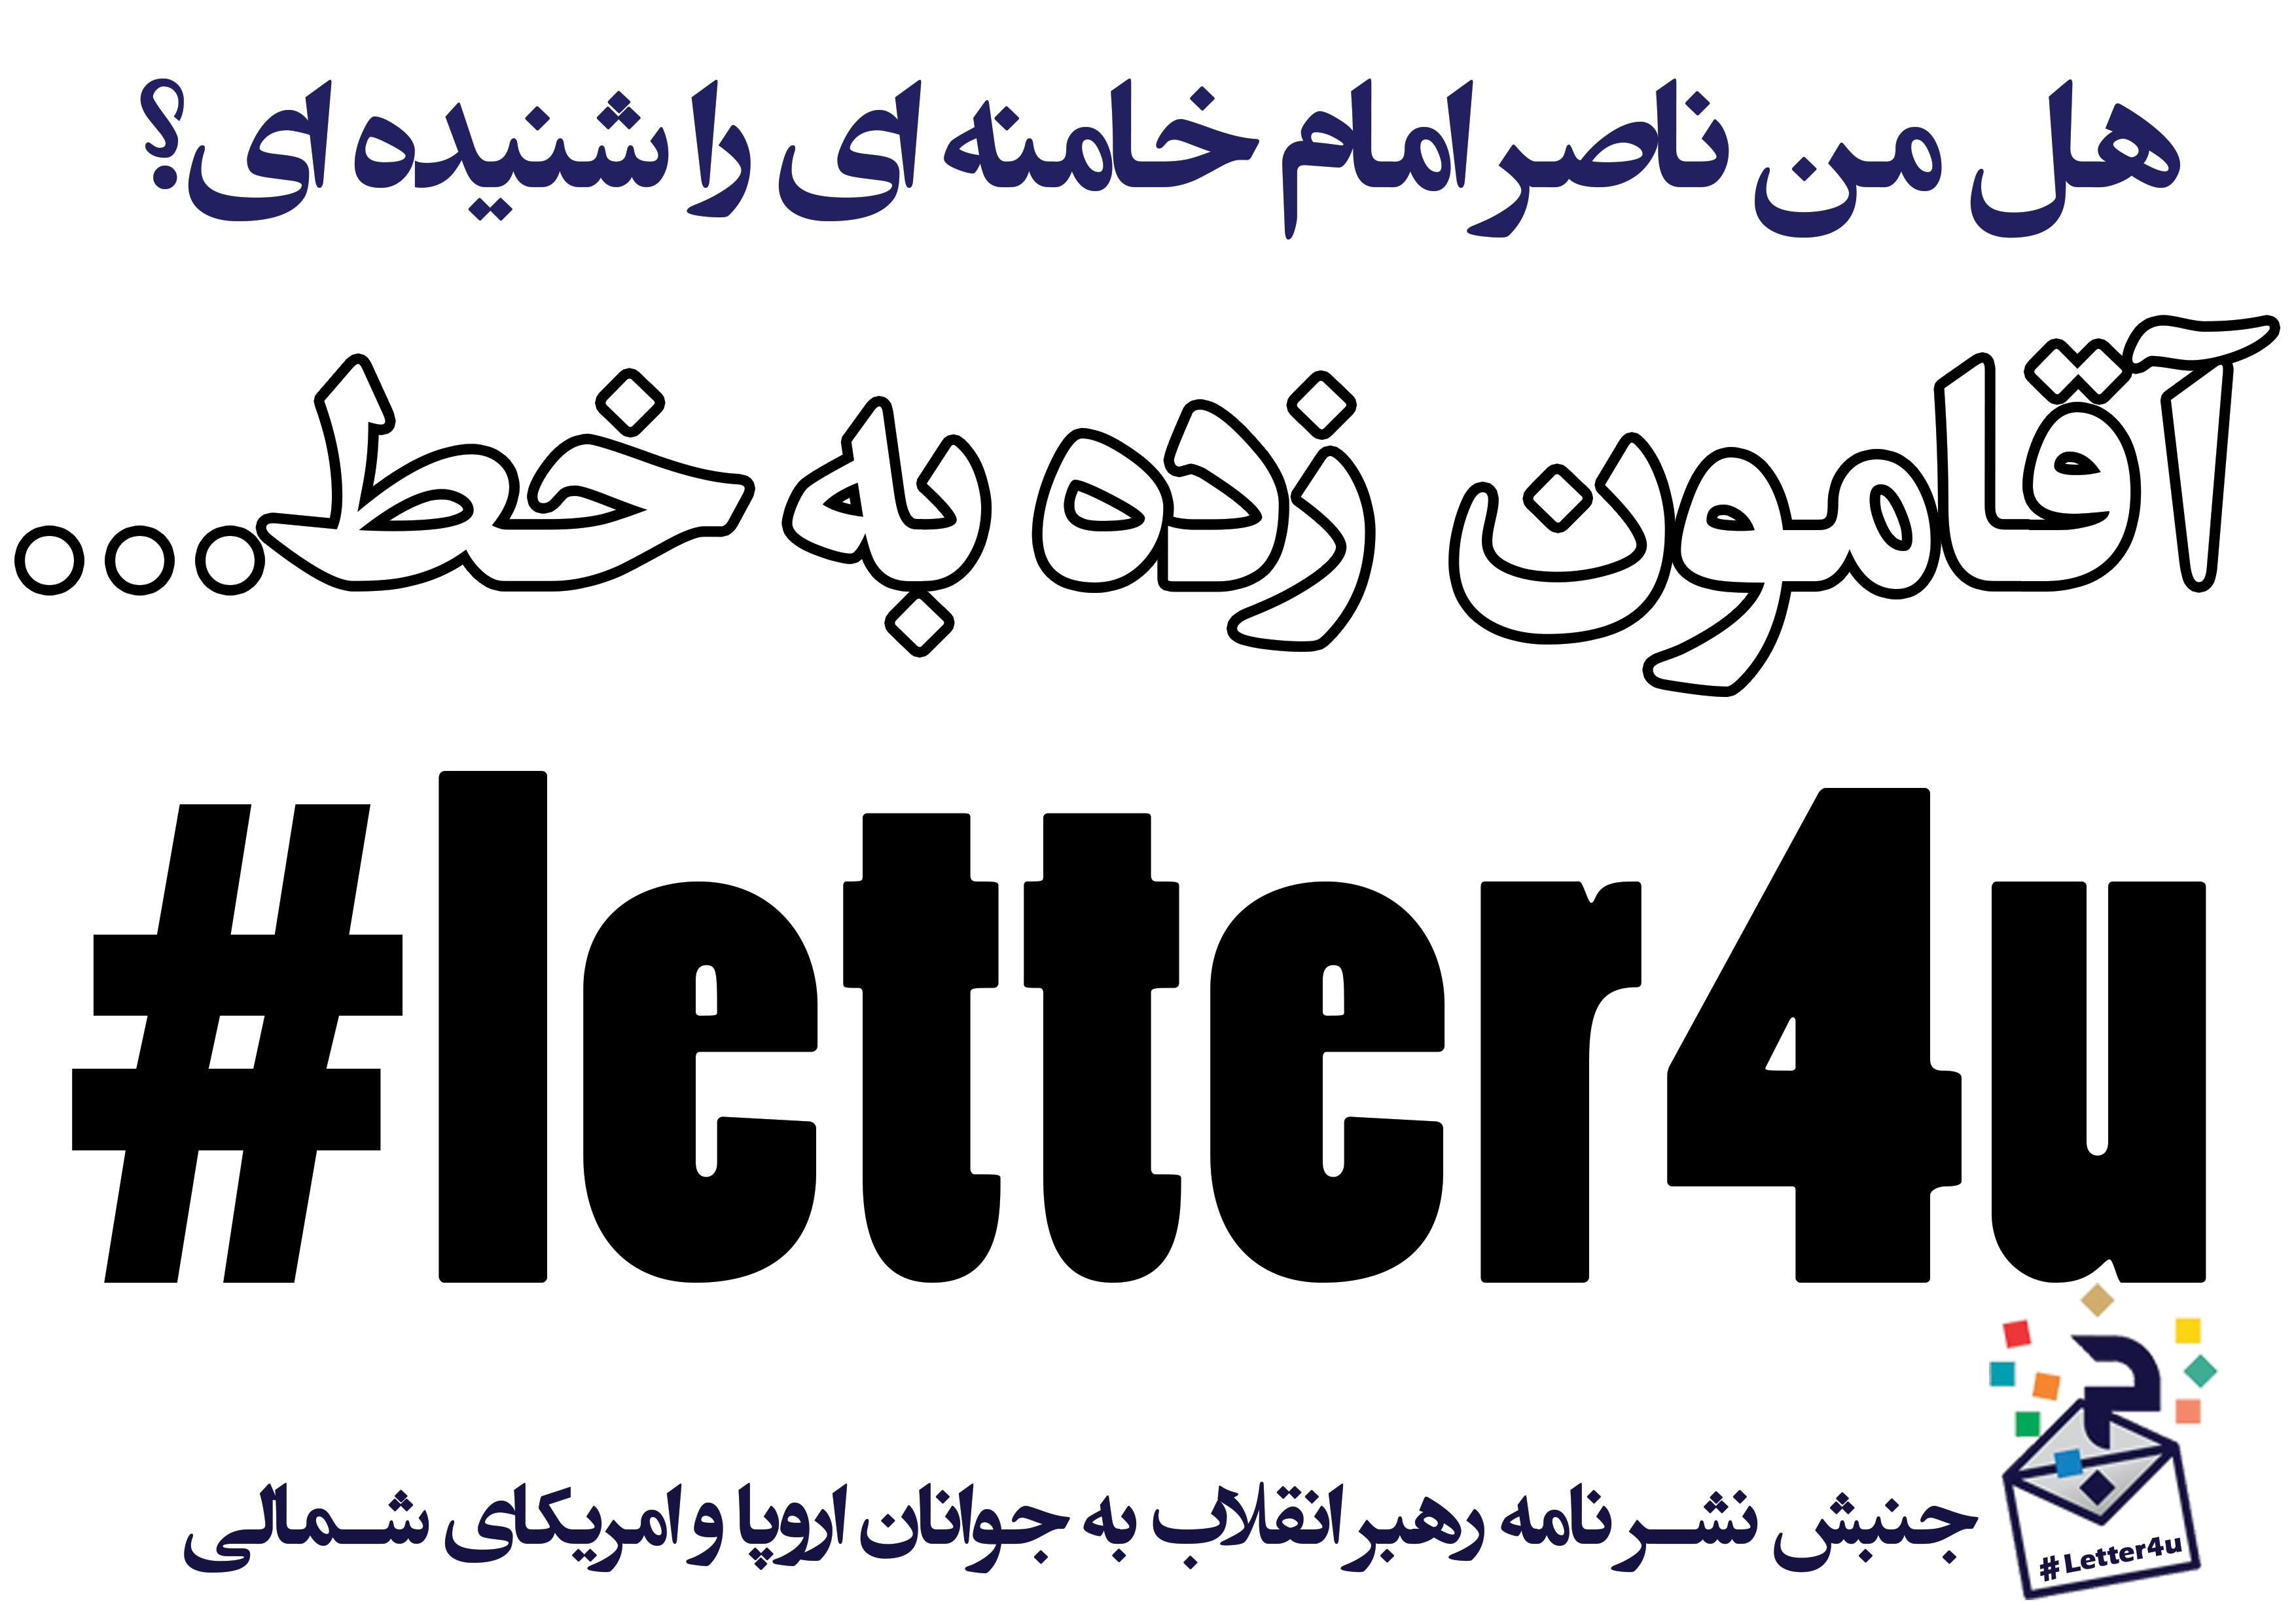 letter4u-22bahman-2